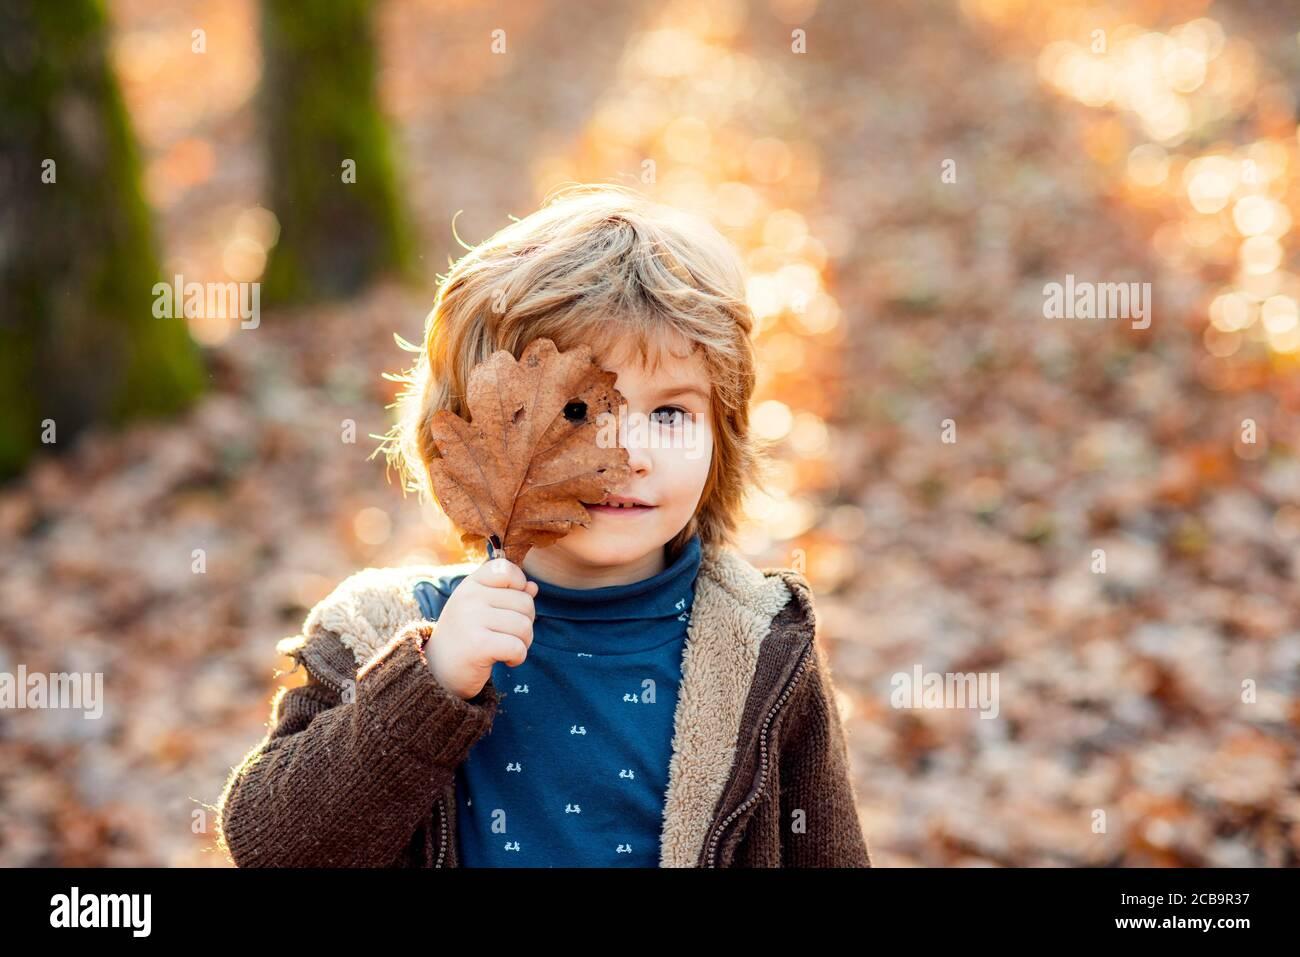 Kind Junge bedeckt seine Augen mit einem gelben Ahornblatt. Kleiner Junge, der im Park mit Herbstblättern spielt. Stockfoto